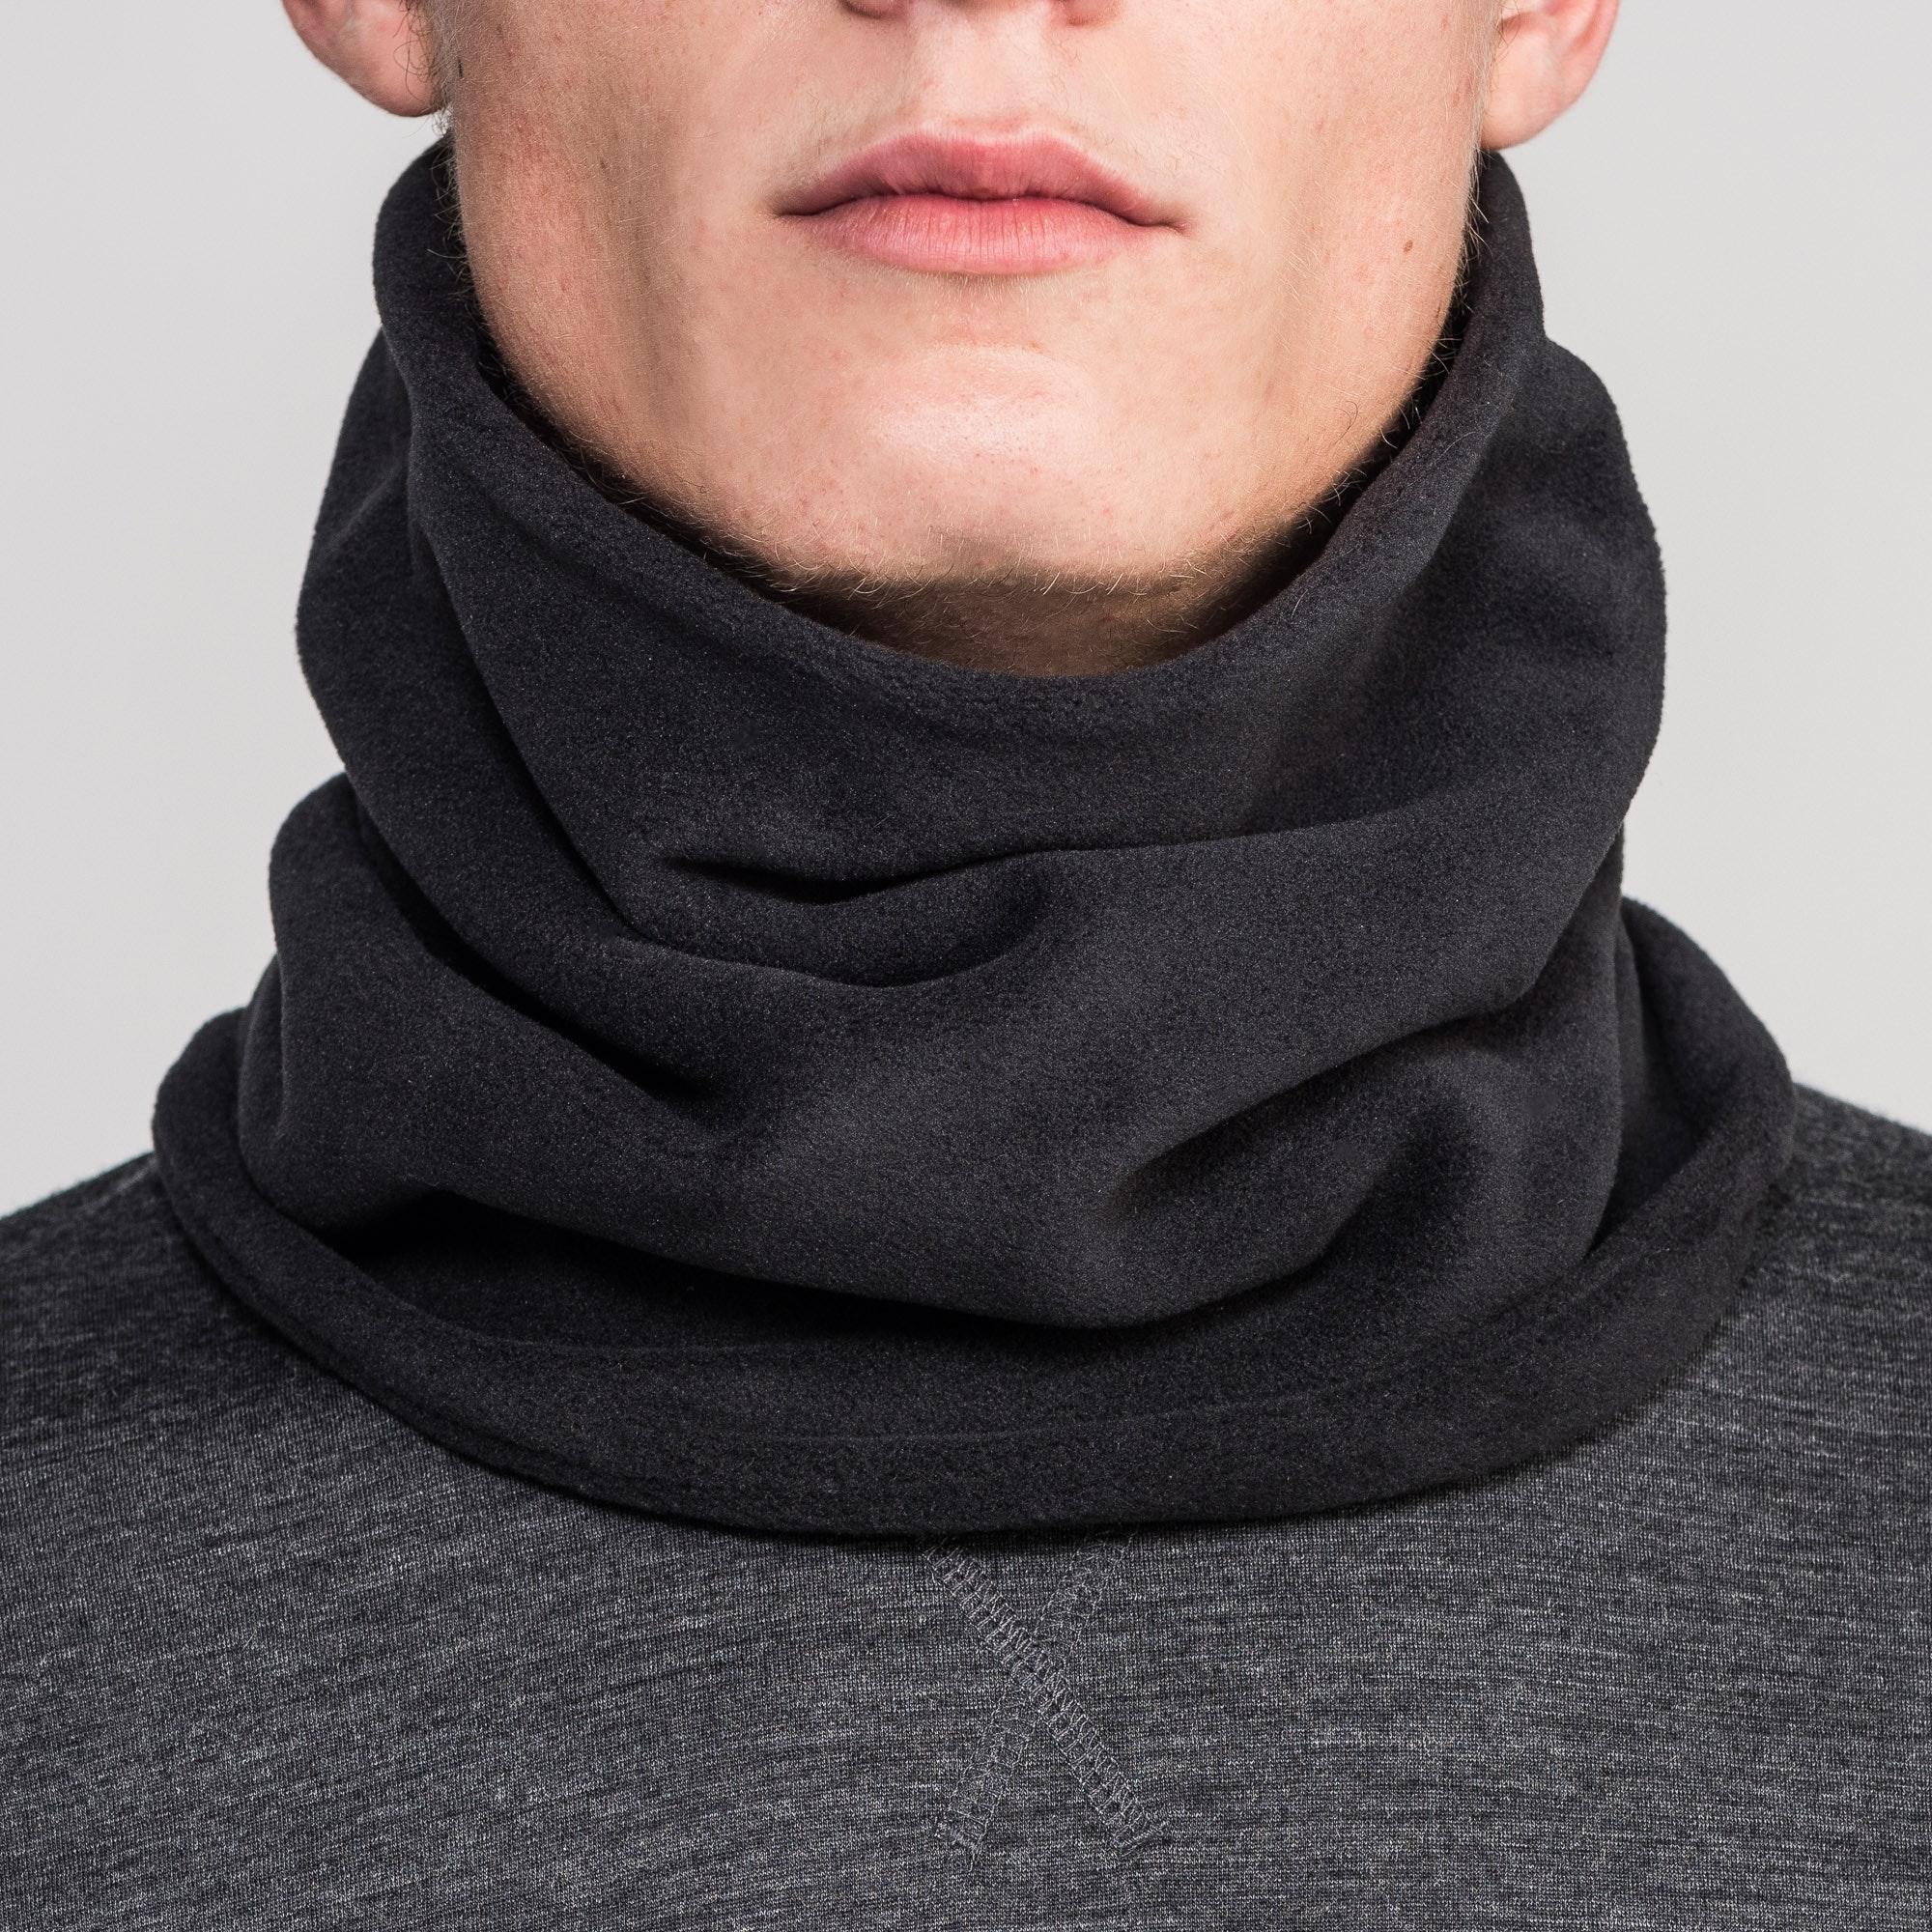 neck gaiter - photo #8